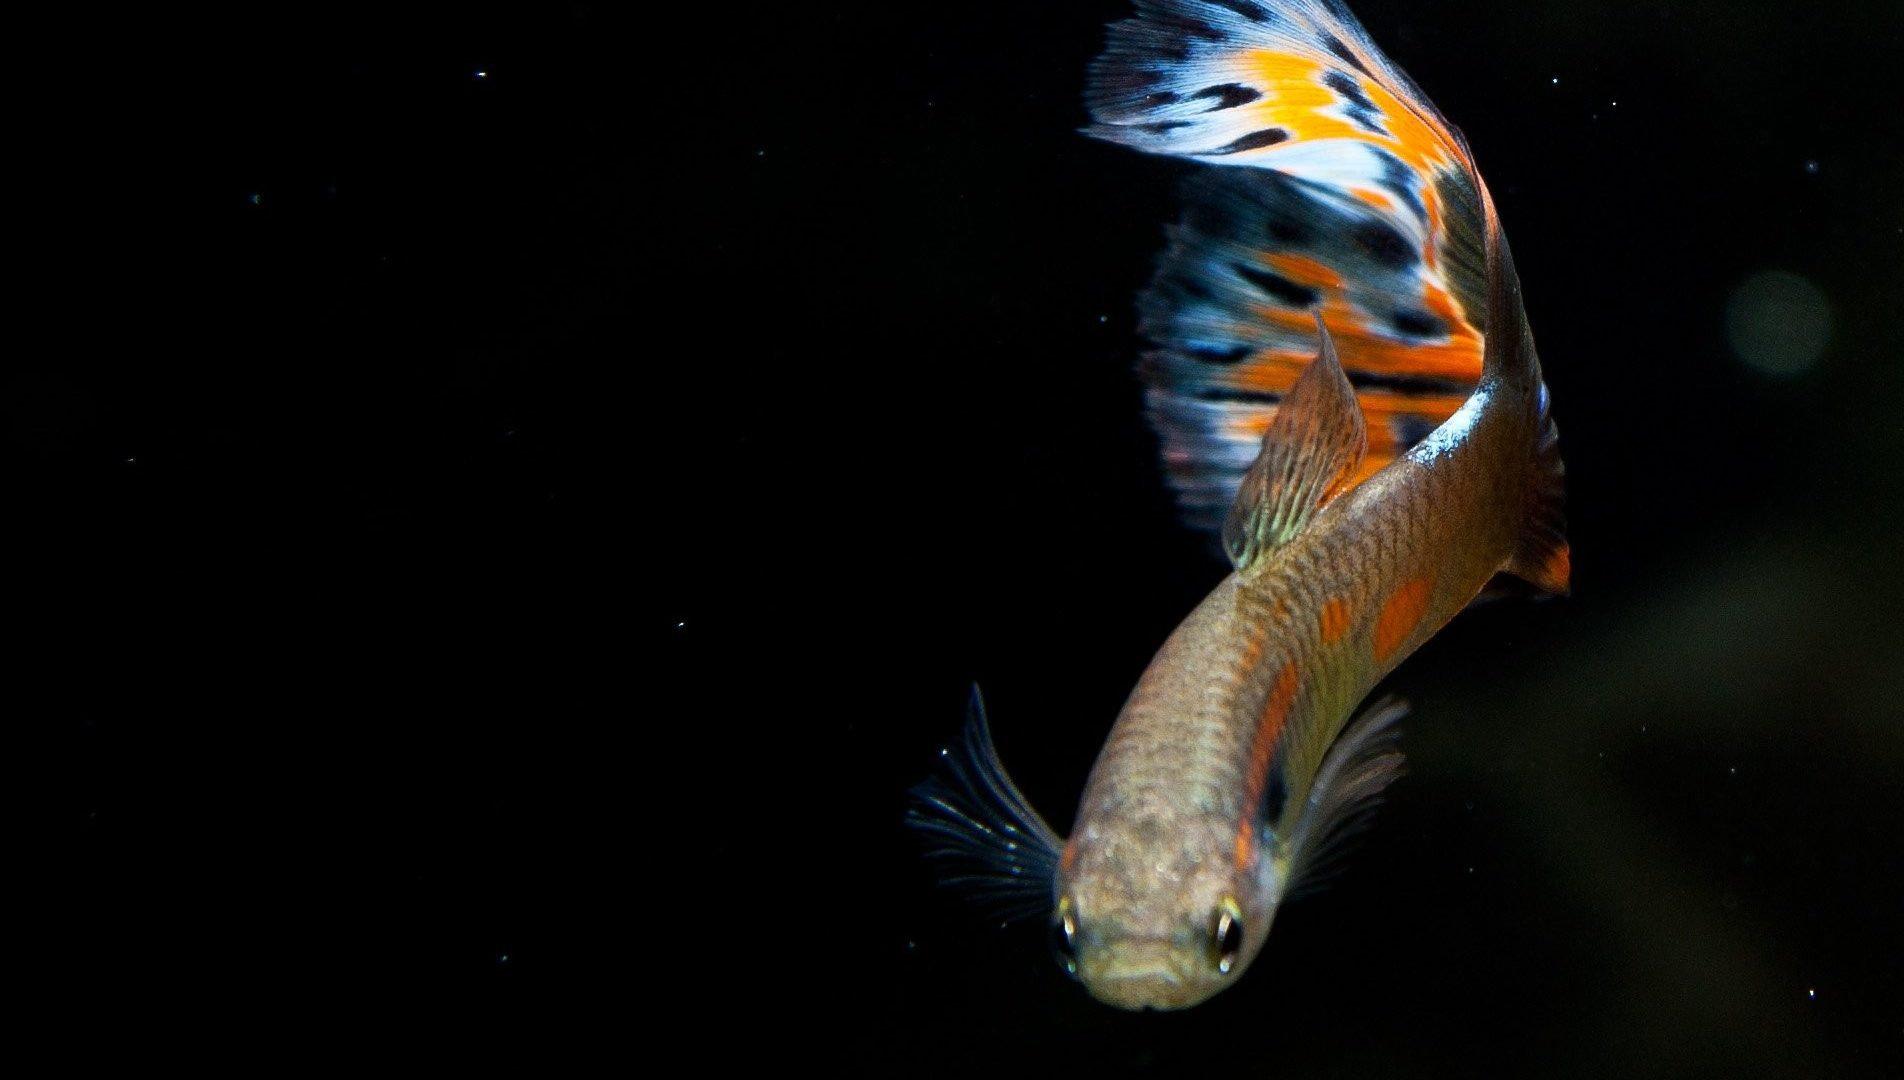 Apa Saja Jenis Pakan Yang Baik Untuk Anakan Ikan Guppy Diskusi